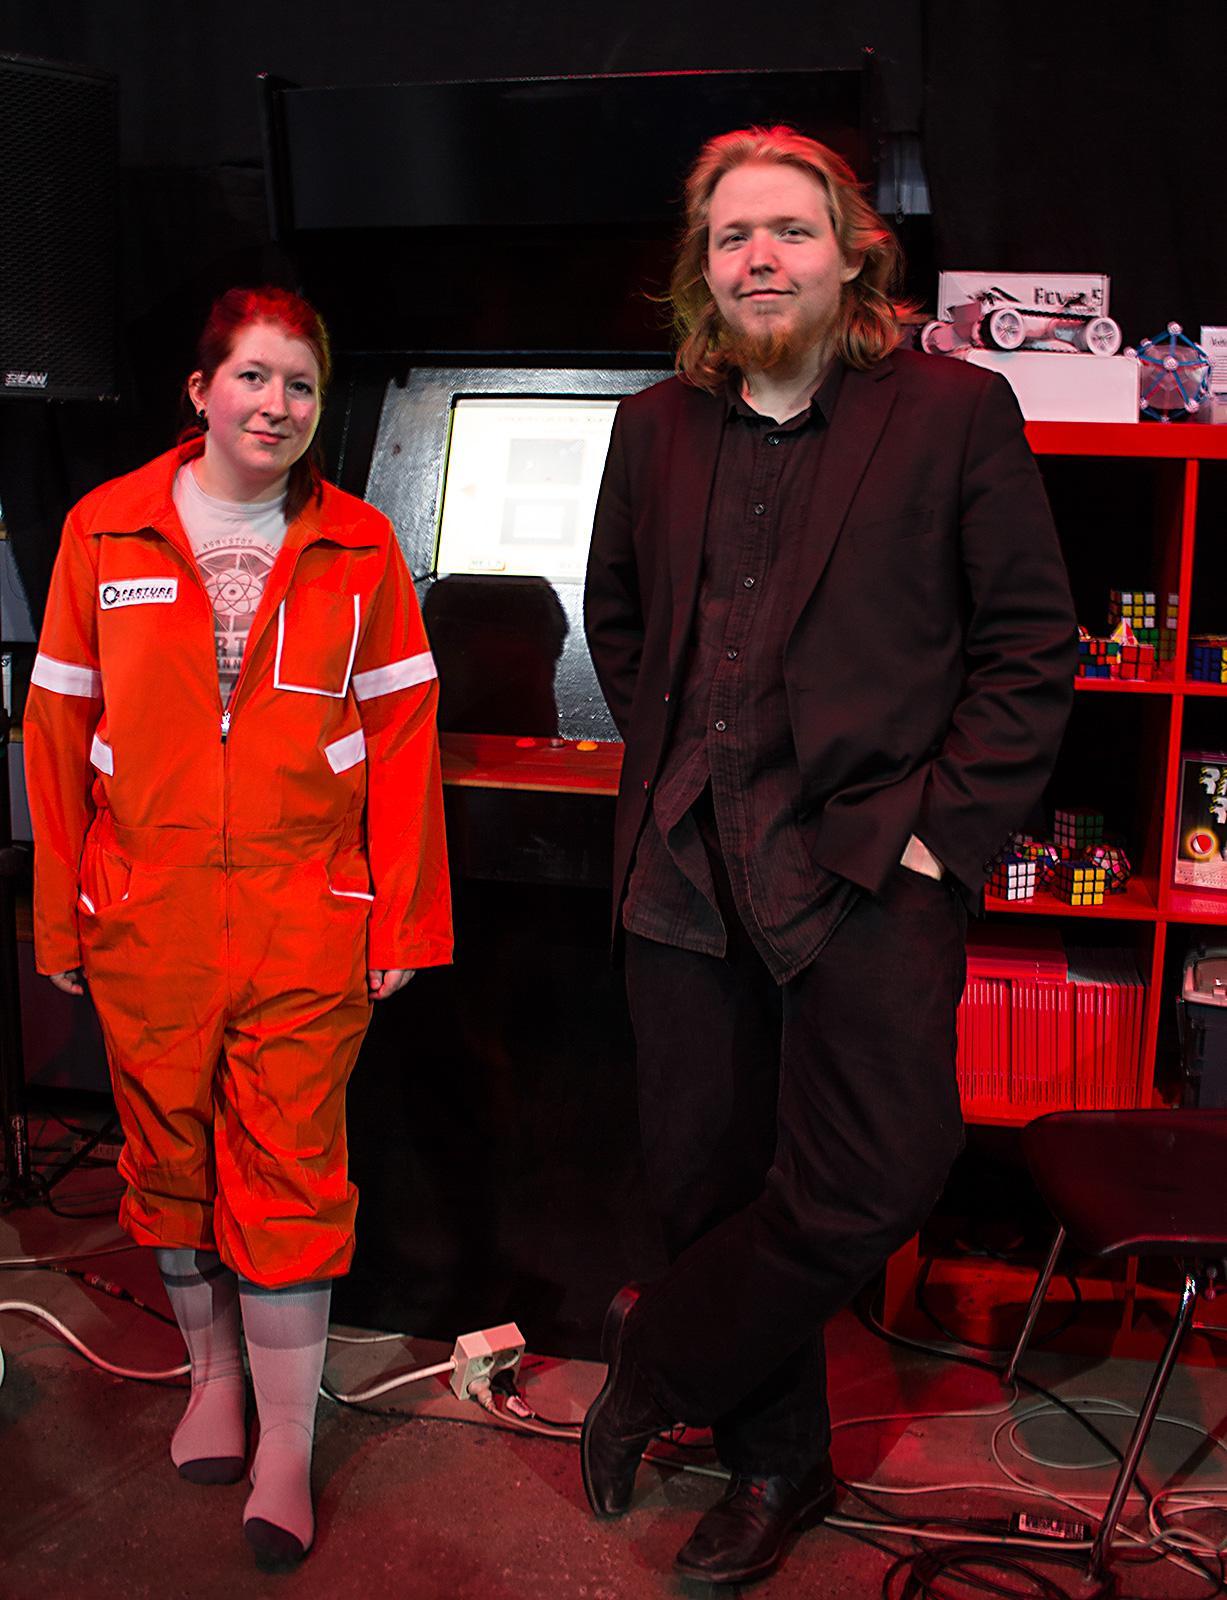 Veronika Heimsbakk og Jonathan Ringstad foran arkademaskinen Ringstad har bygd, og tatt med.Foto: Varg Aamo, hardware.no